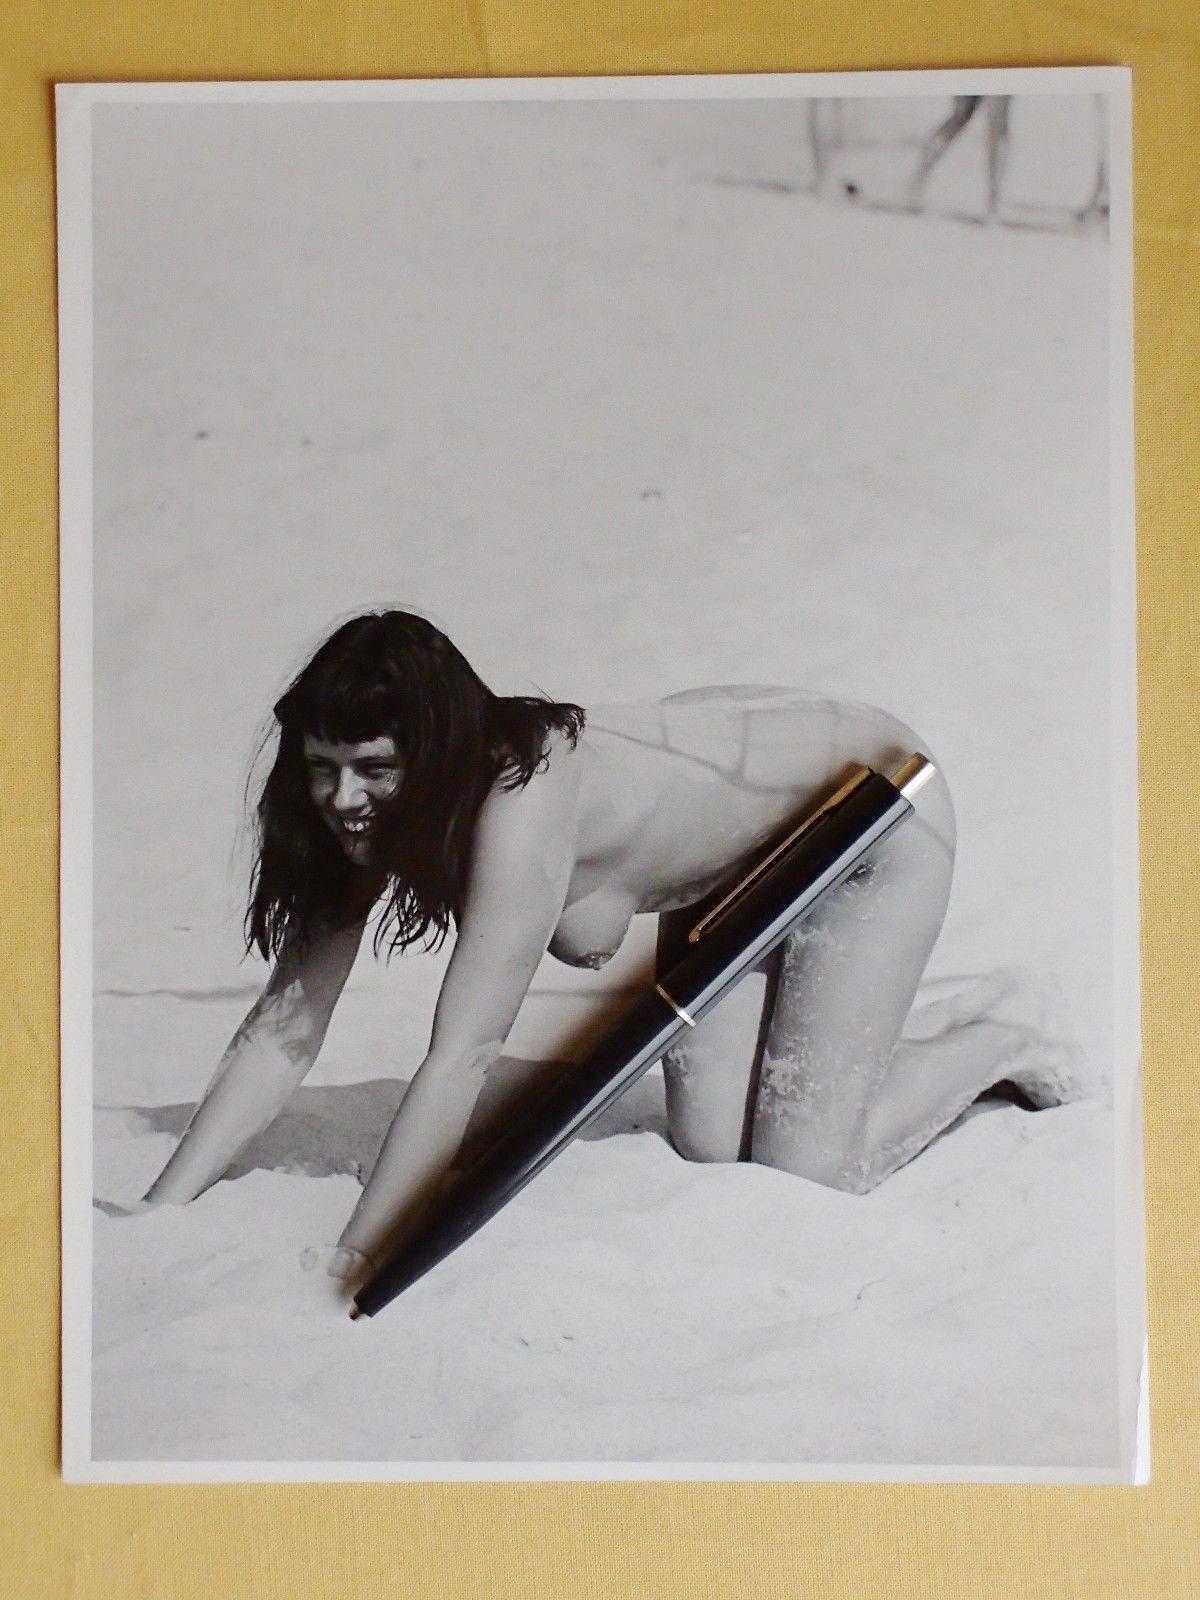 dostliev black pen 29 - <b>36 аматорських фотографій чорної ручки.</b> Андрій Достлєв — в «Рівні цензури» - Заборона